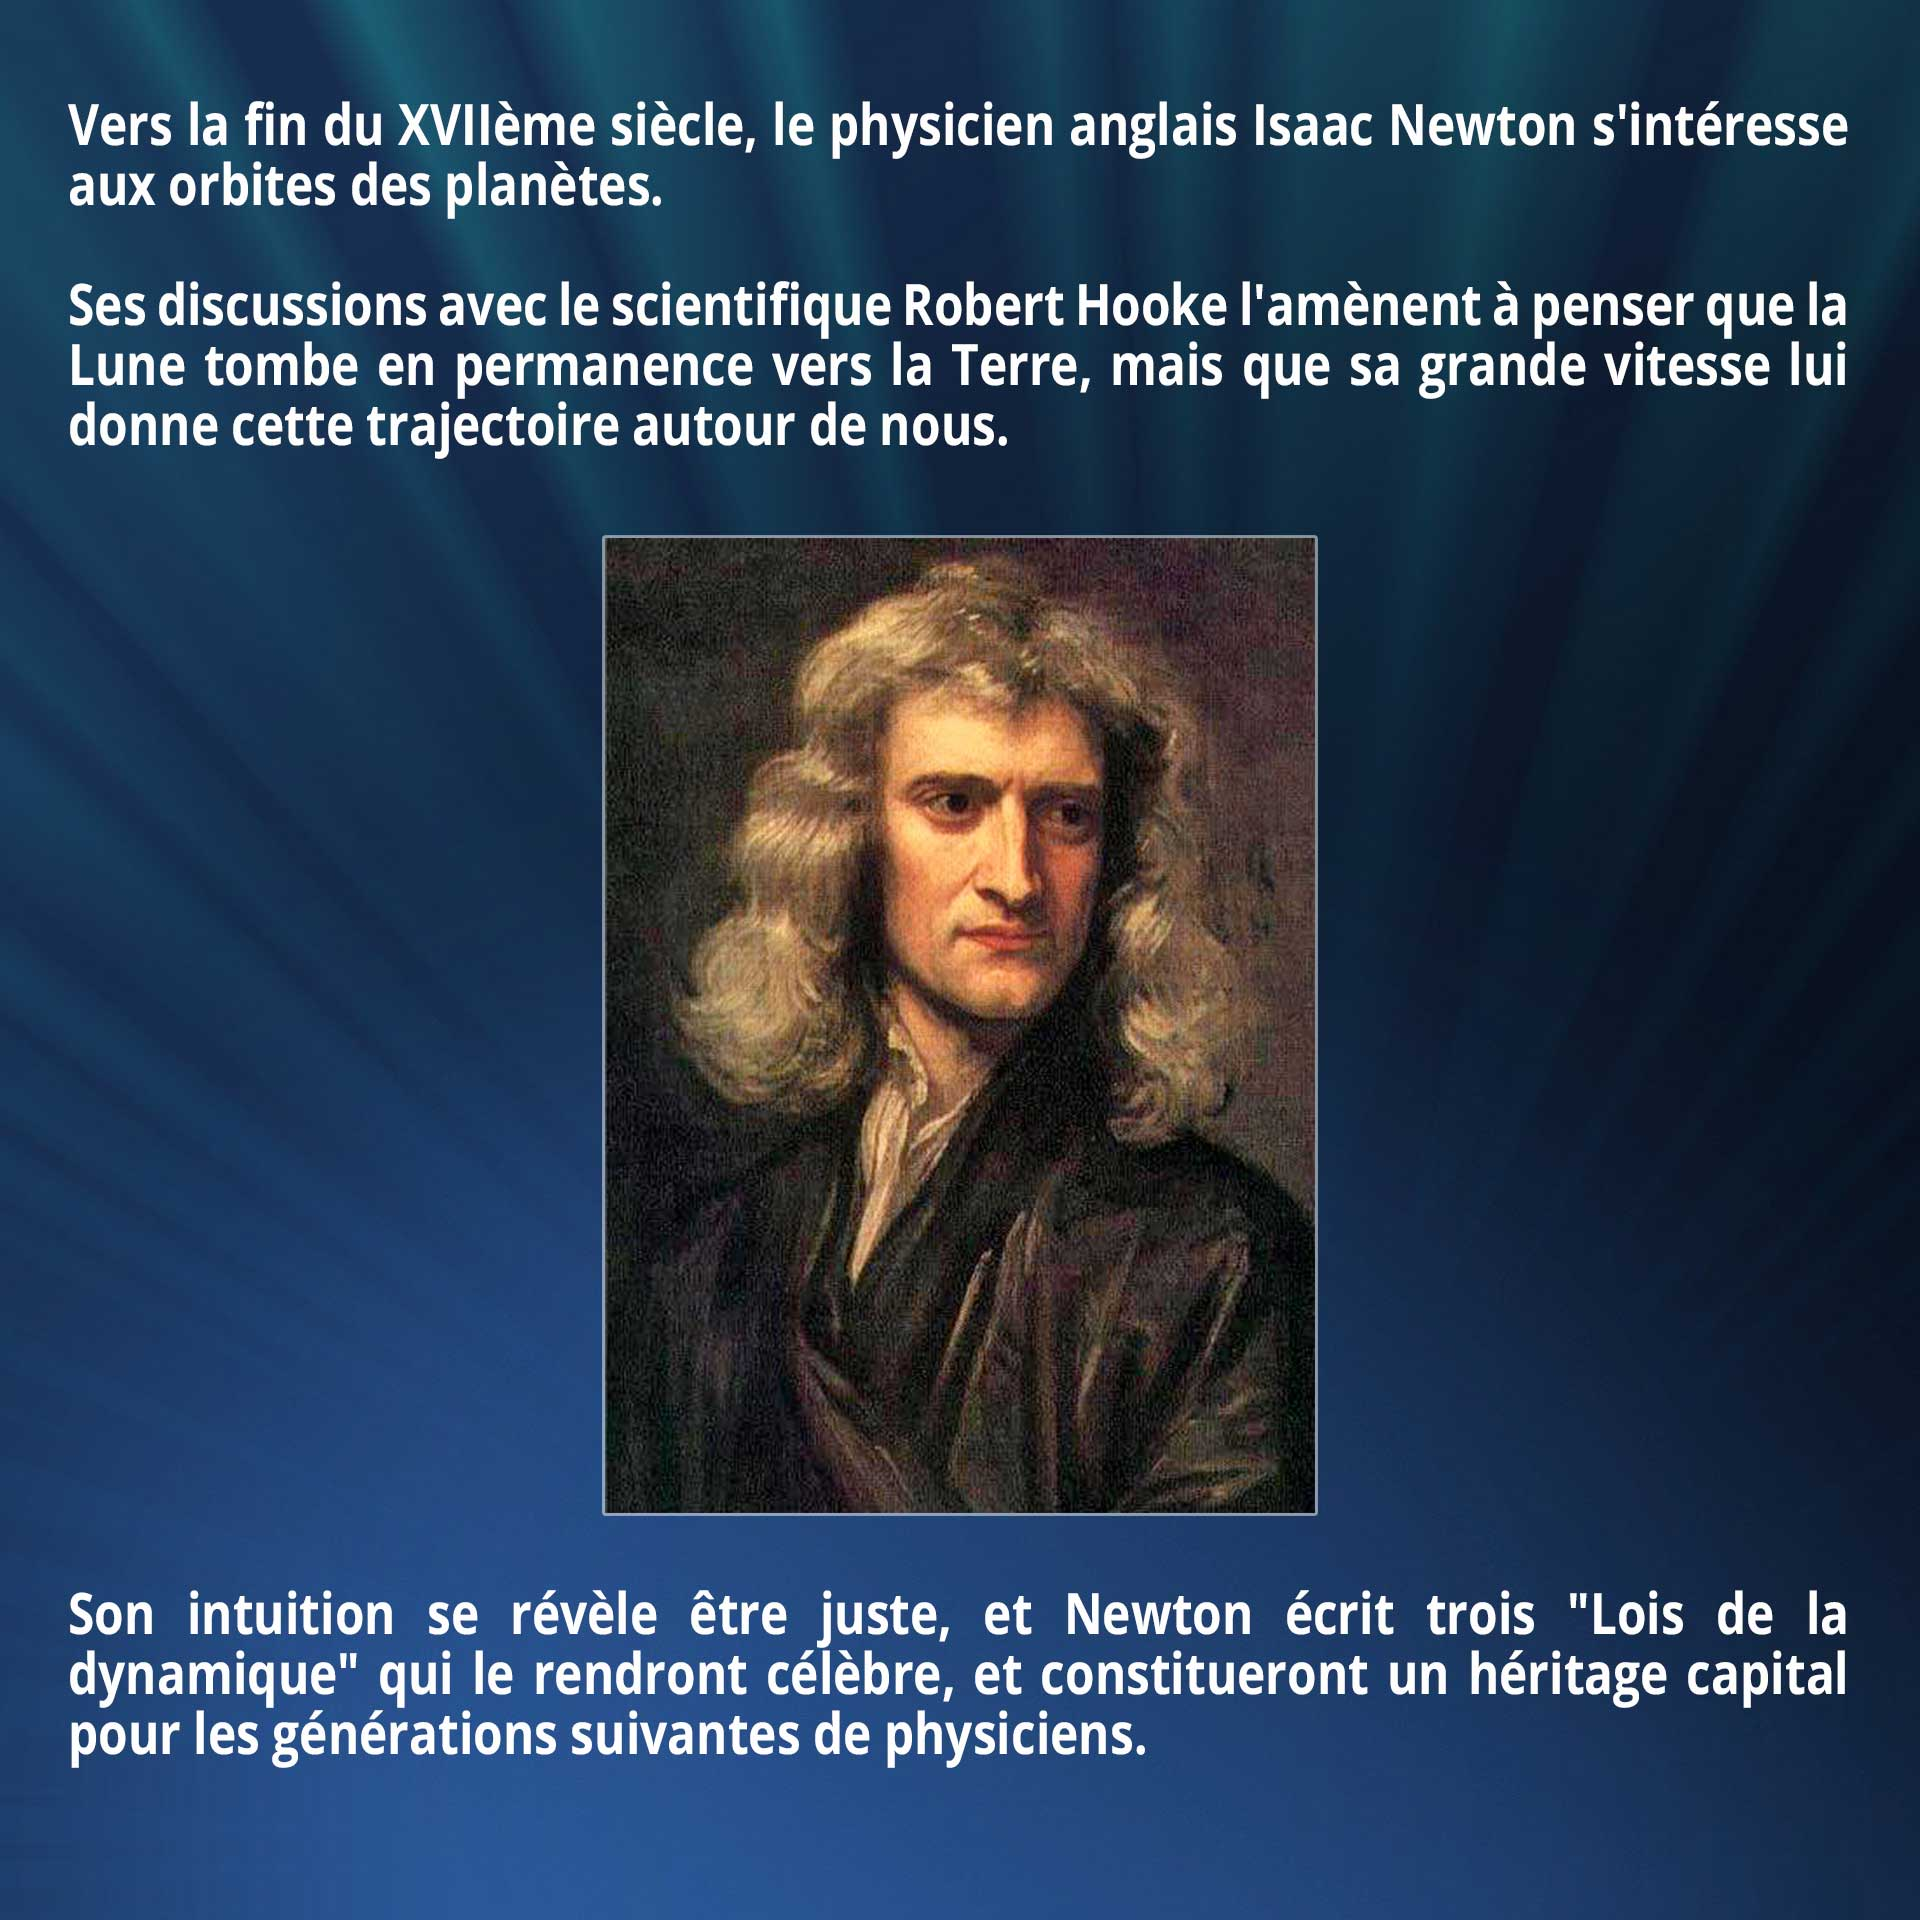 Vers la fin du XVIIème siècle, le physicien anglais Isaac Newton s'intéresse aux orbites des planètes. Ses discussions avec le scientifique Robert Hooke l'amènent à penser que la Lune tombe en permanence vers la Terre, mais que sa grande vitesse lui donne cette trajectoire autour de nous. Son intuition se révèle être juste, et Newton écrit trois